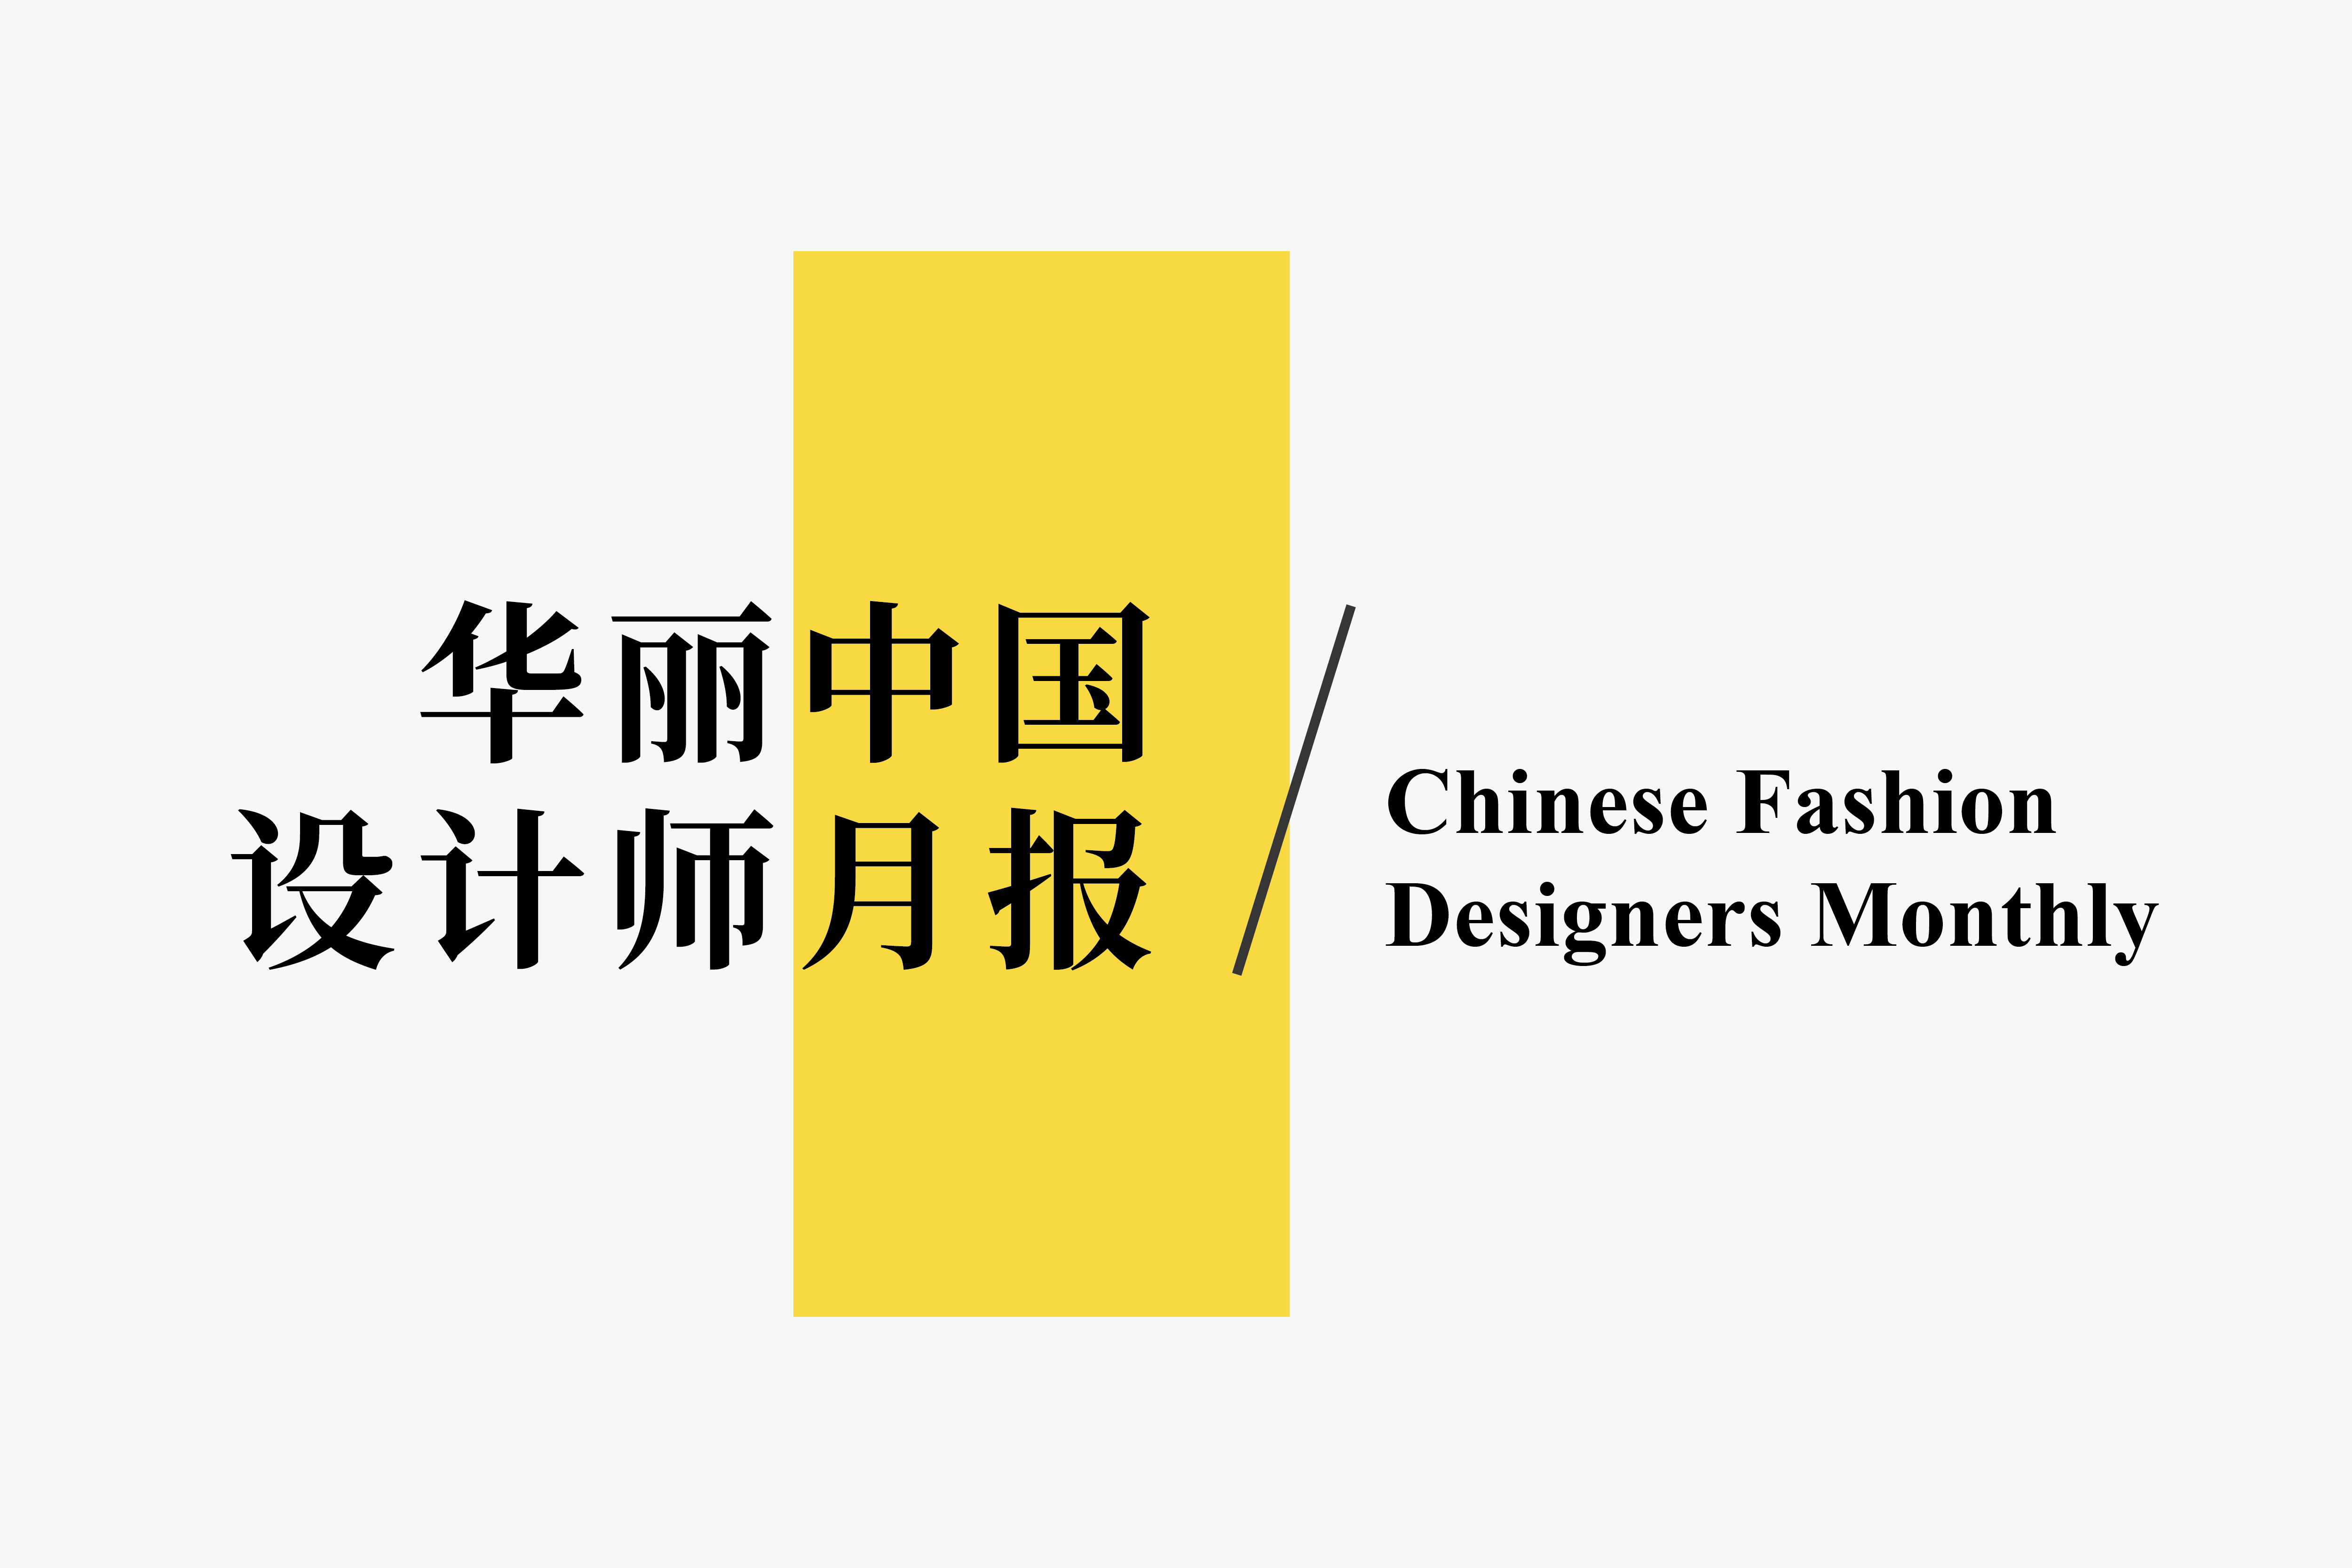 四位中国设计师参与下届巴黎男装周;跨界合作持续高涨 | 华丽志设计师月报(2021年5月)